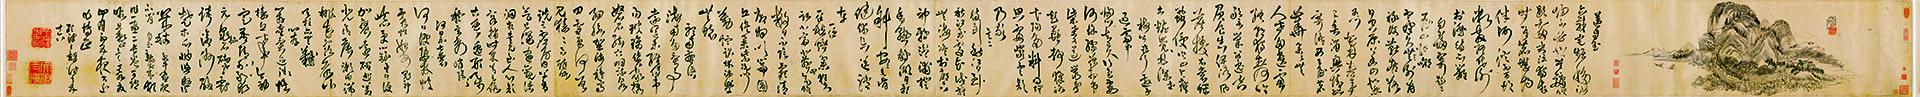 明 王铎 行草书金山寺诗立轴 绢本 57.3x274.6